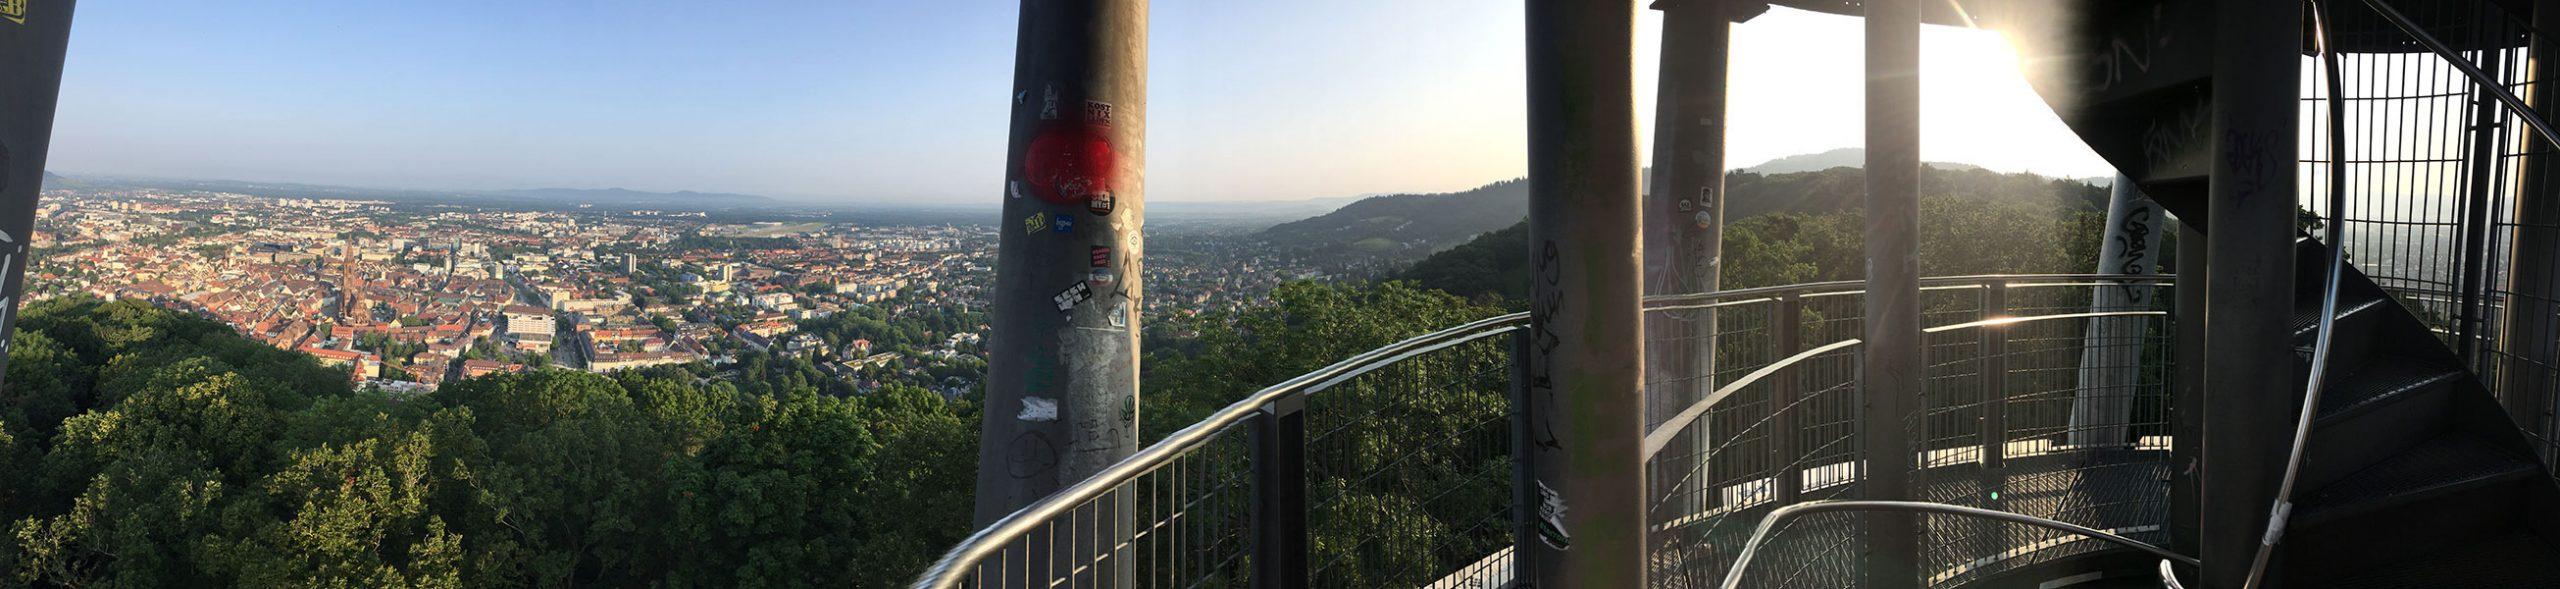 Freiburg 2021